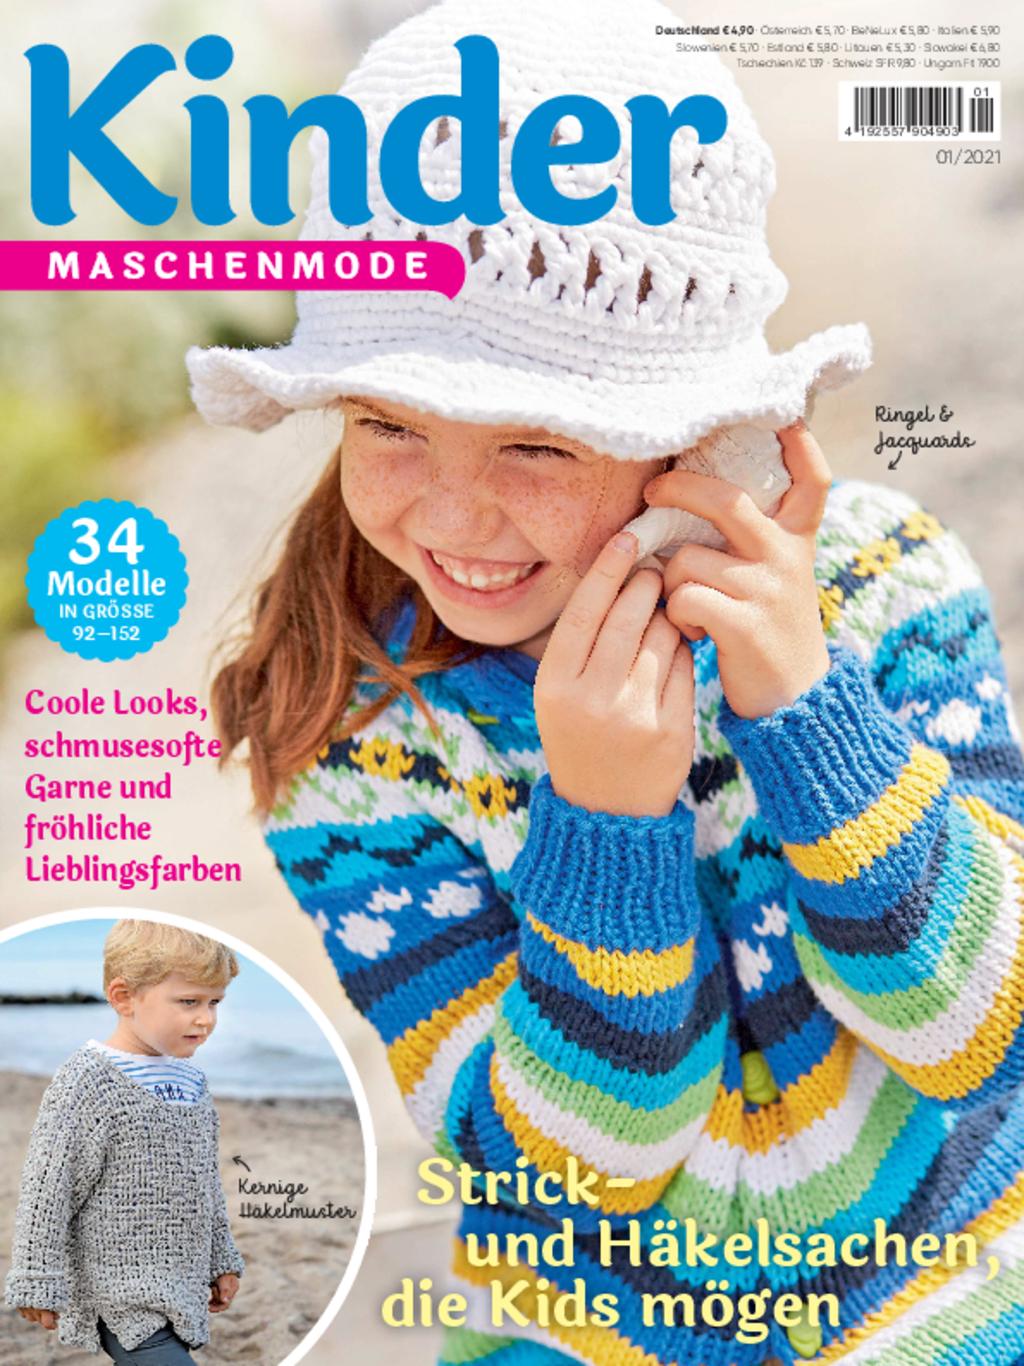 Kinder Maschenmode 1/2021 - Stricksachen, die Kids mögen